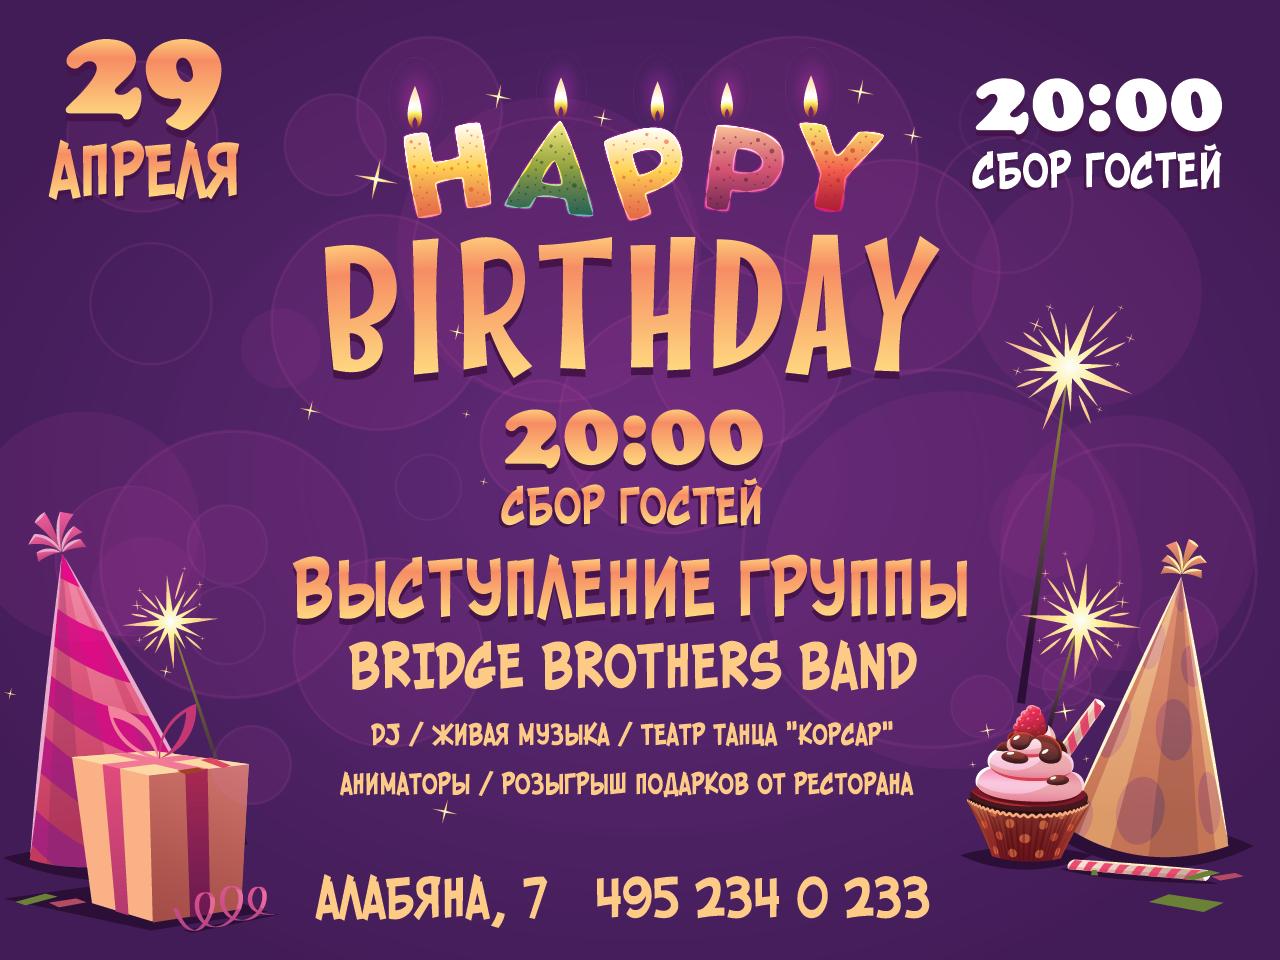 С днем рождения, Алабяна!